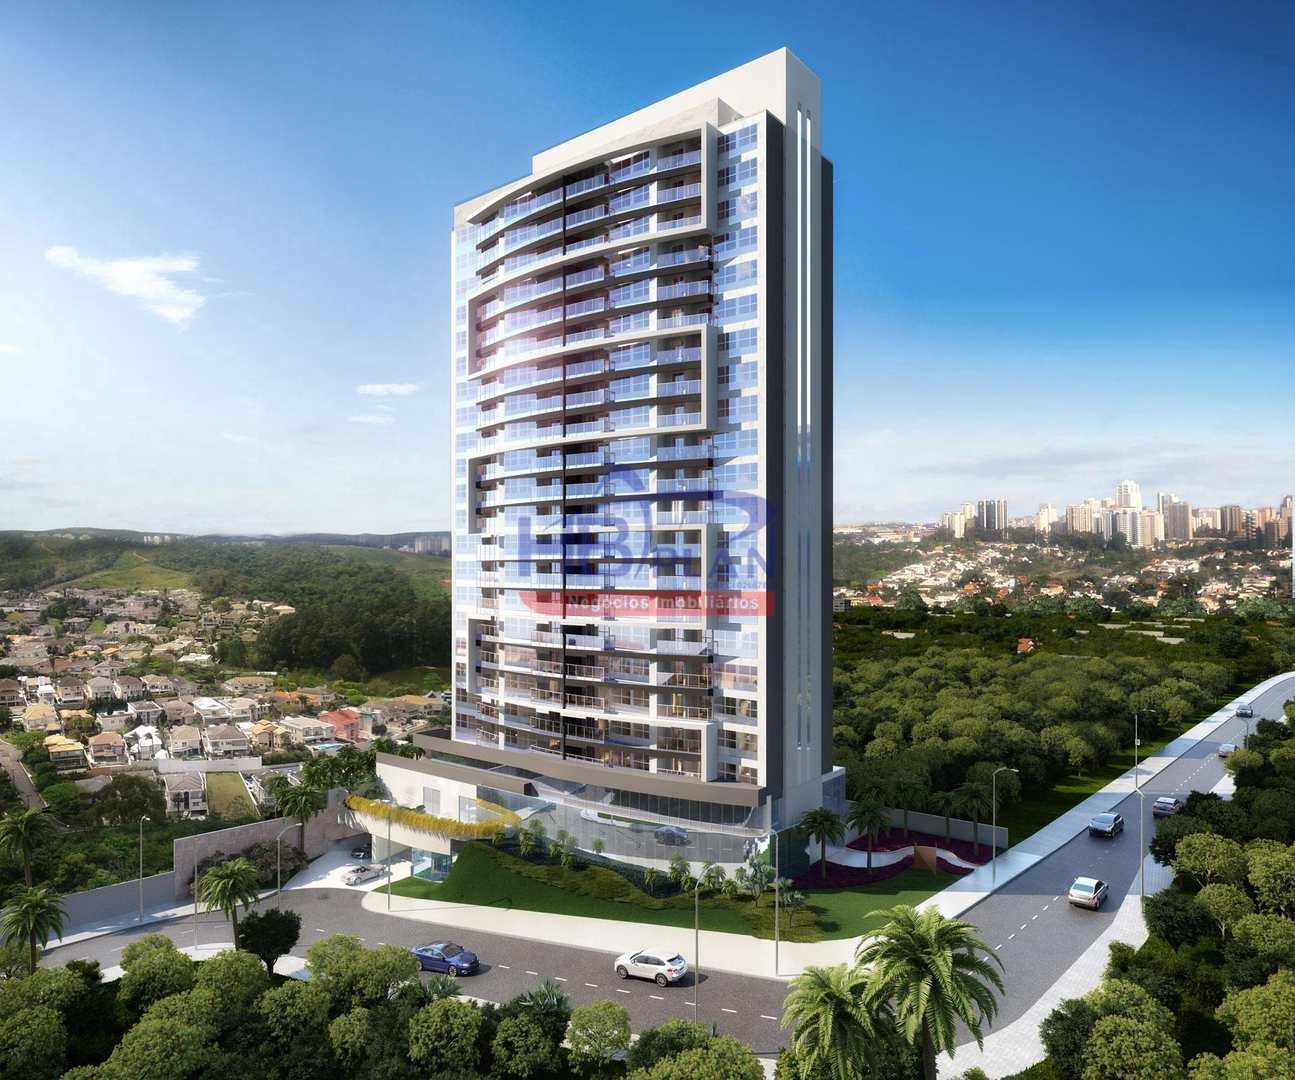 Apartamento com 2 dorms, Melville Empresarial  I e  II, Barueri - R$ 520 mil, Cod: 343